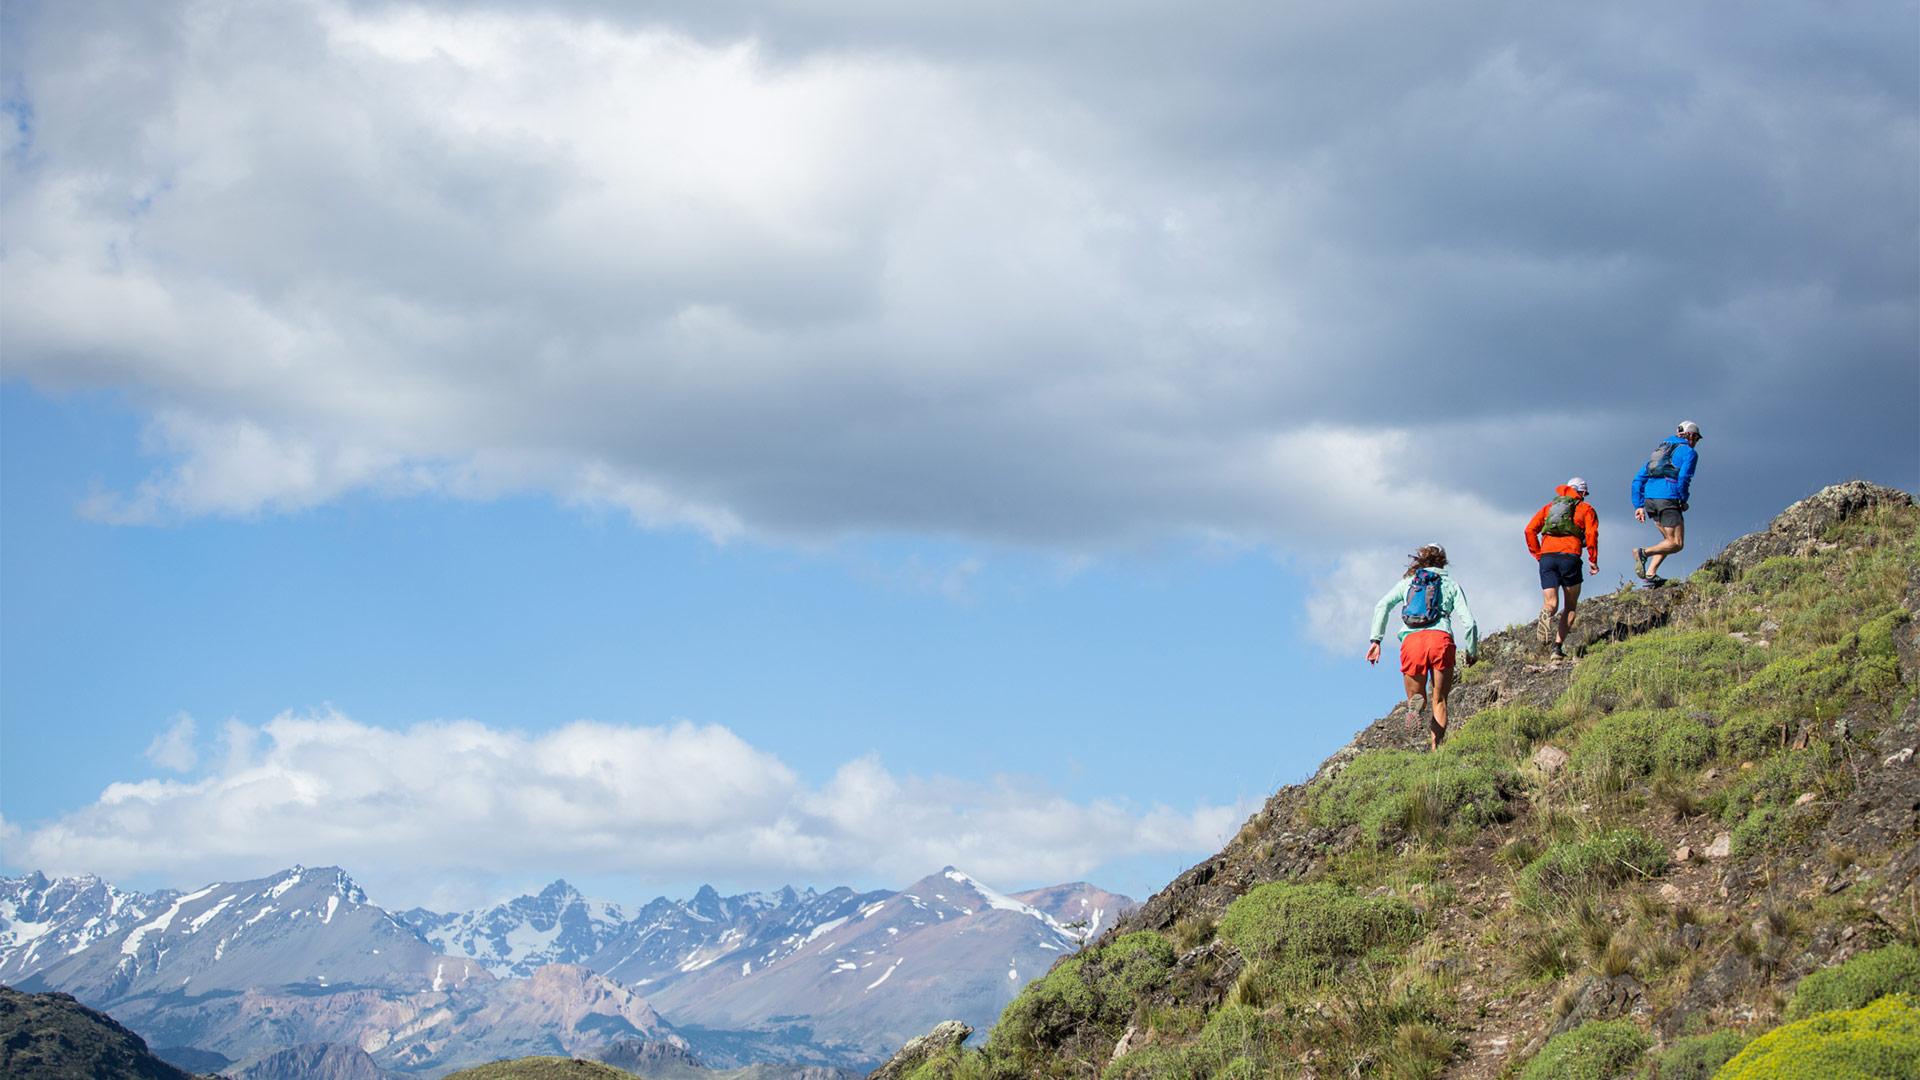 Lo que pienso cuando me mencionan el Trail Running